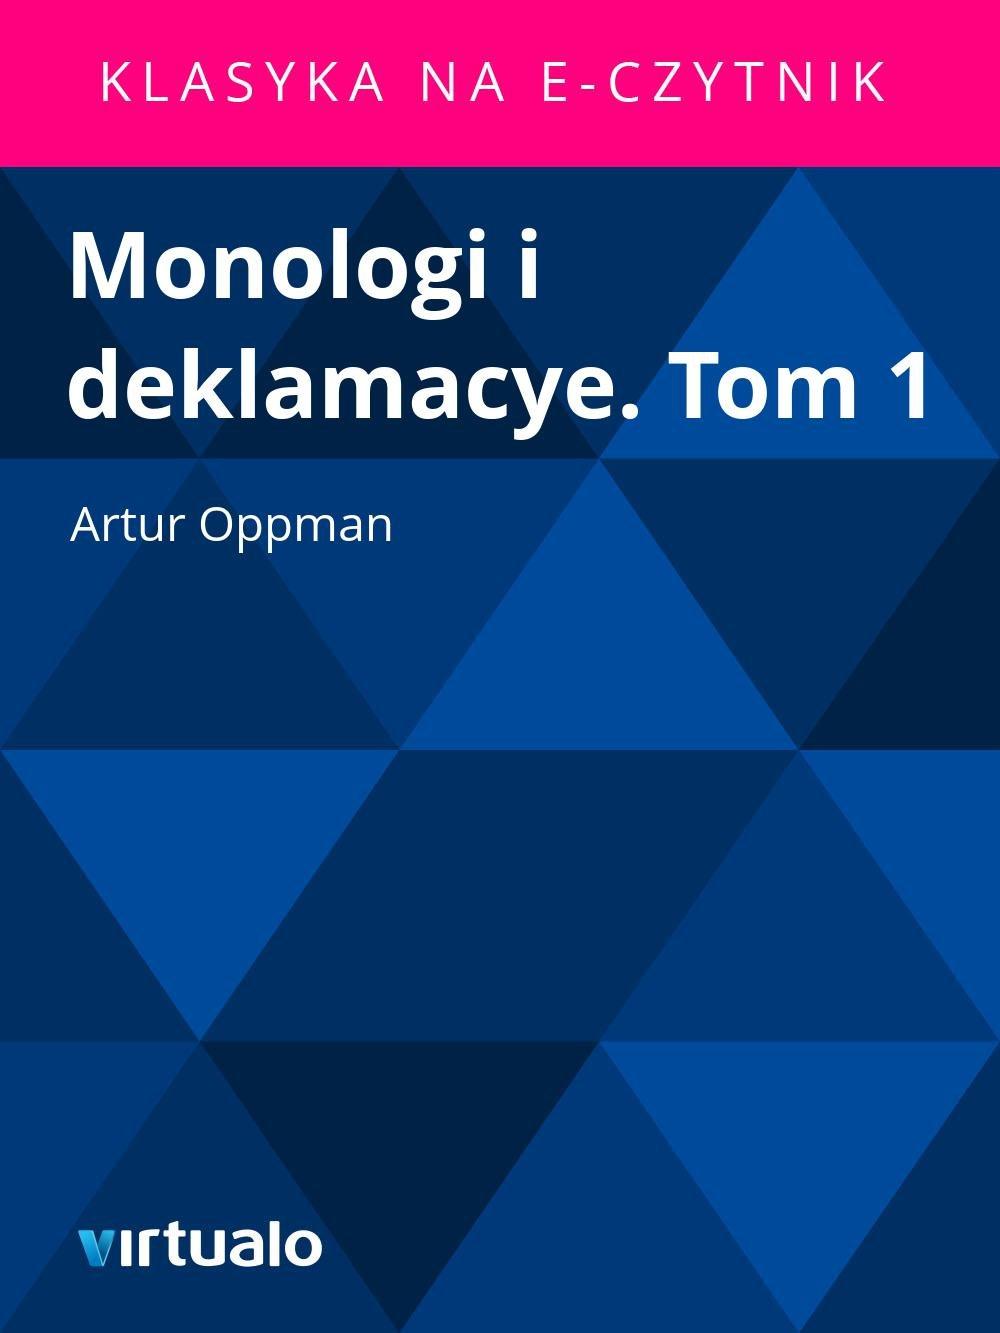 Monologi i deklamacye. Tom 1 - Ebook (Książka EPUB) do pobrania w formacie EPUB